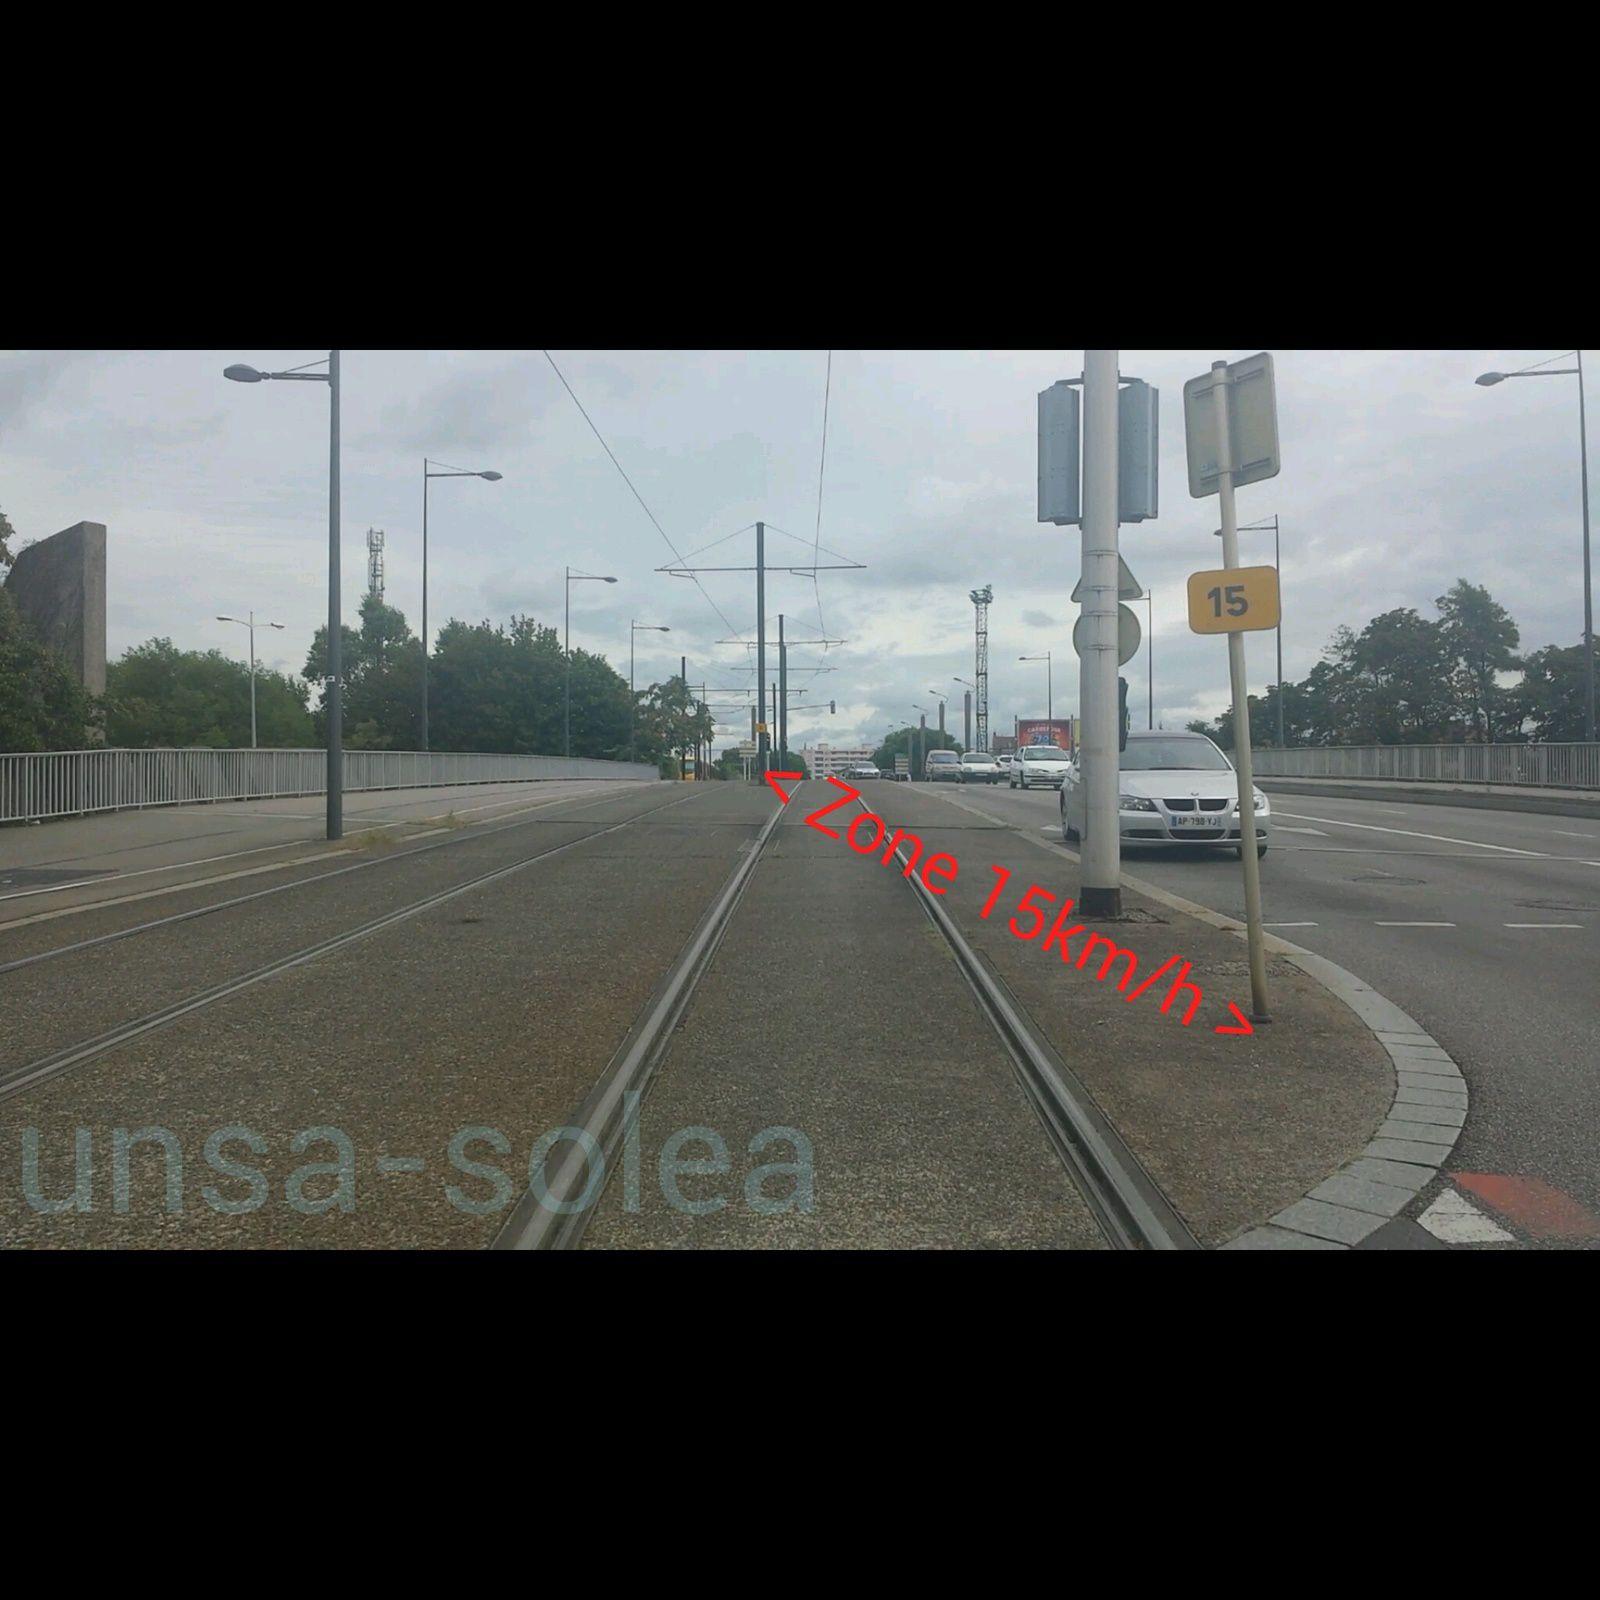 Nouvelle restriction de vitesse L1